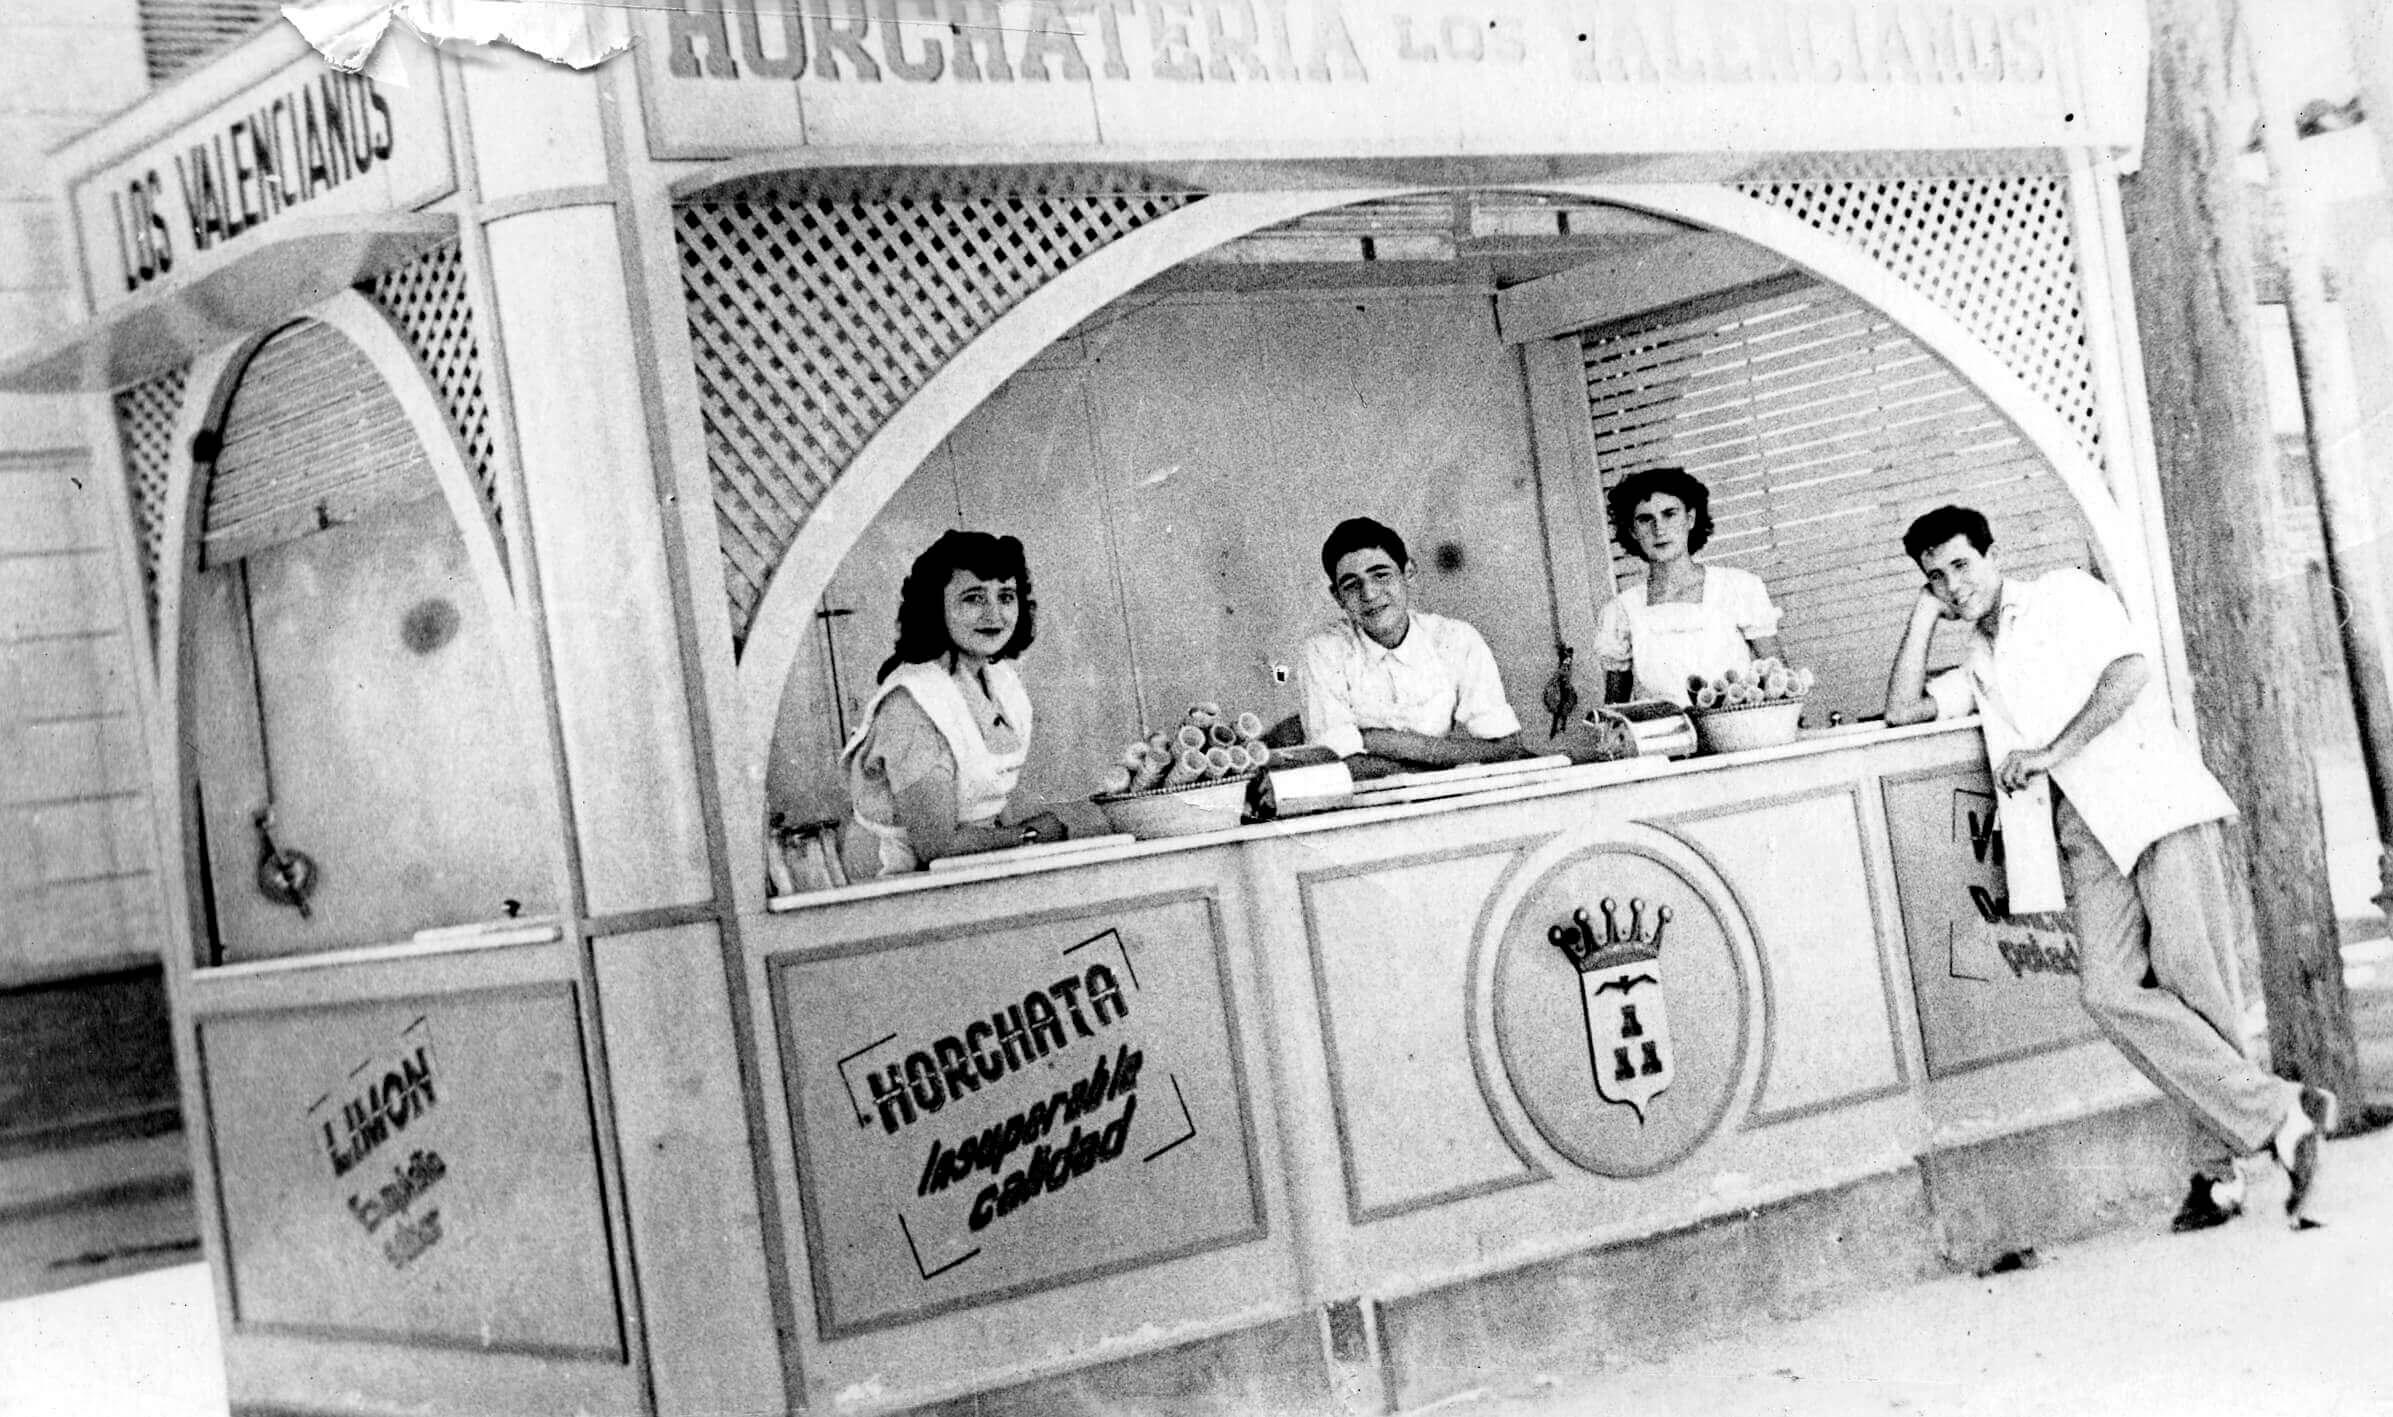 1950 – Kiosko de helados paseo de la Feria